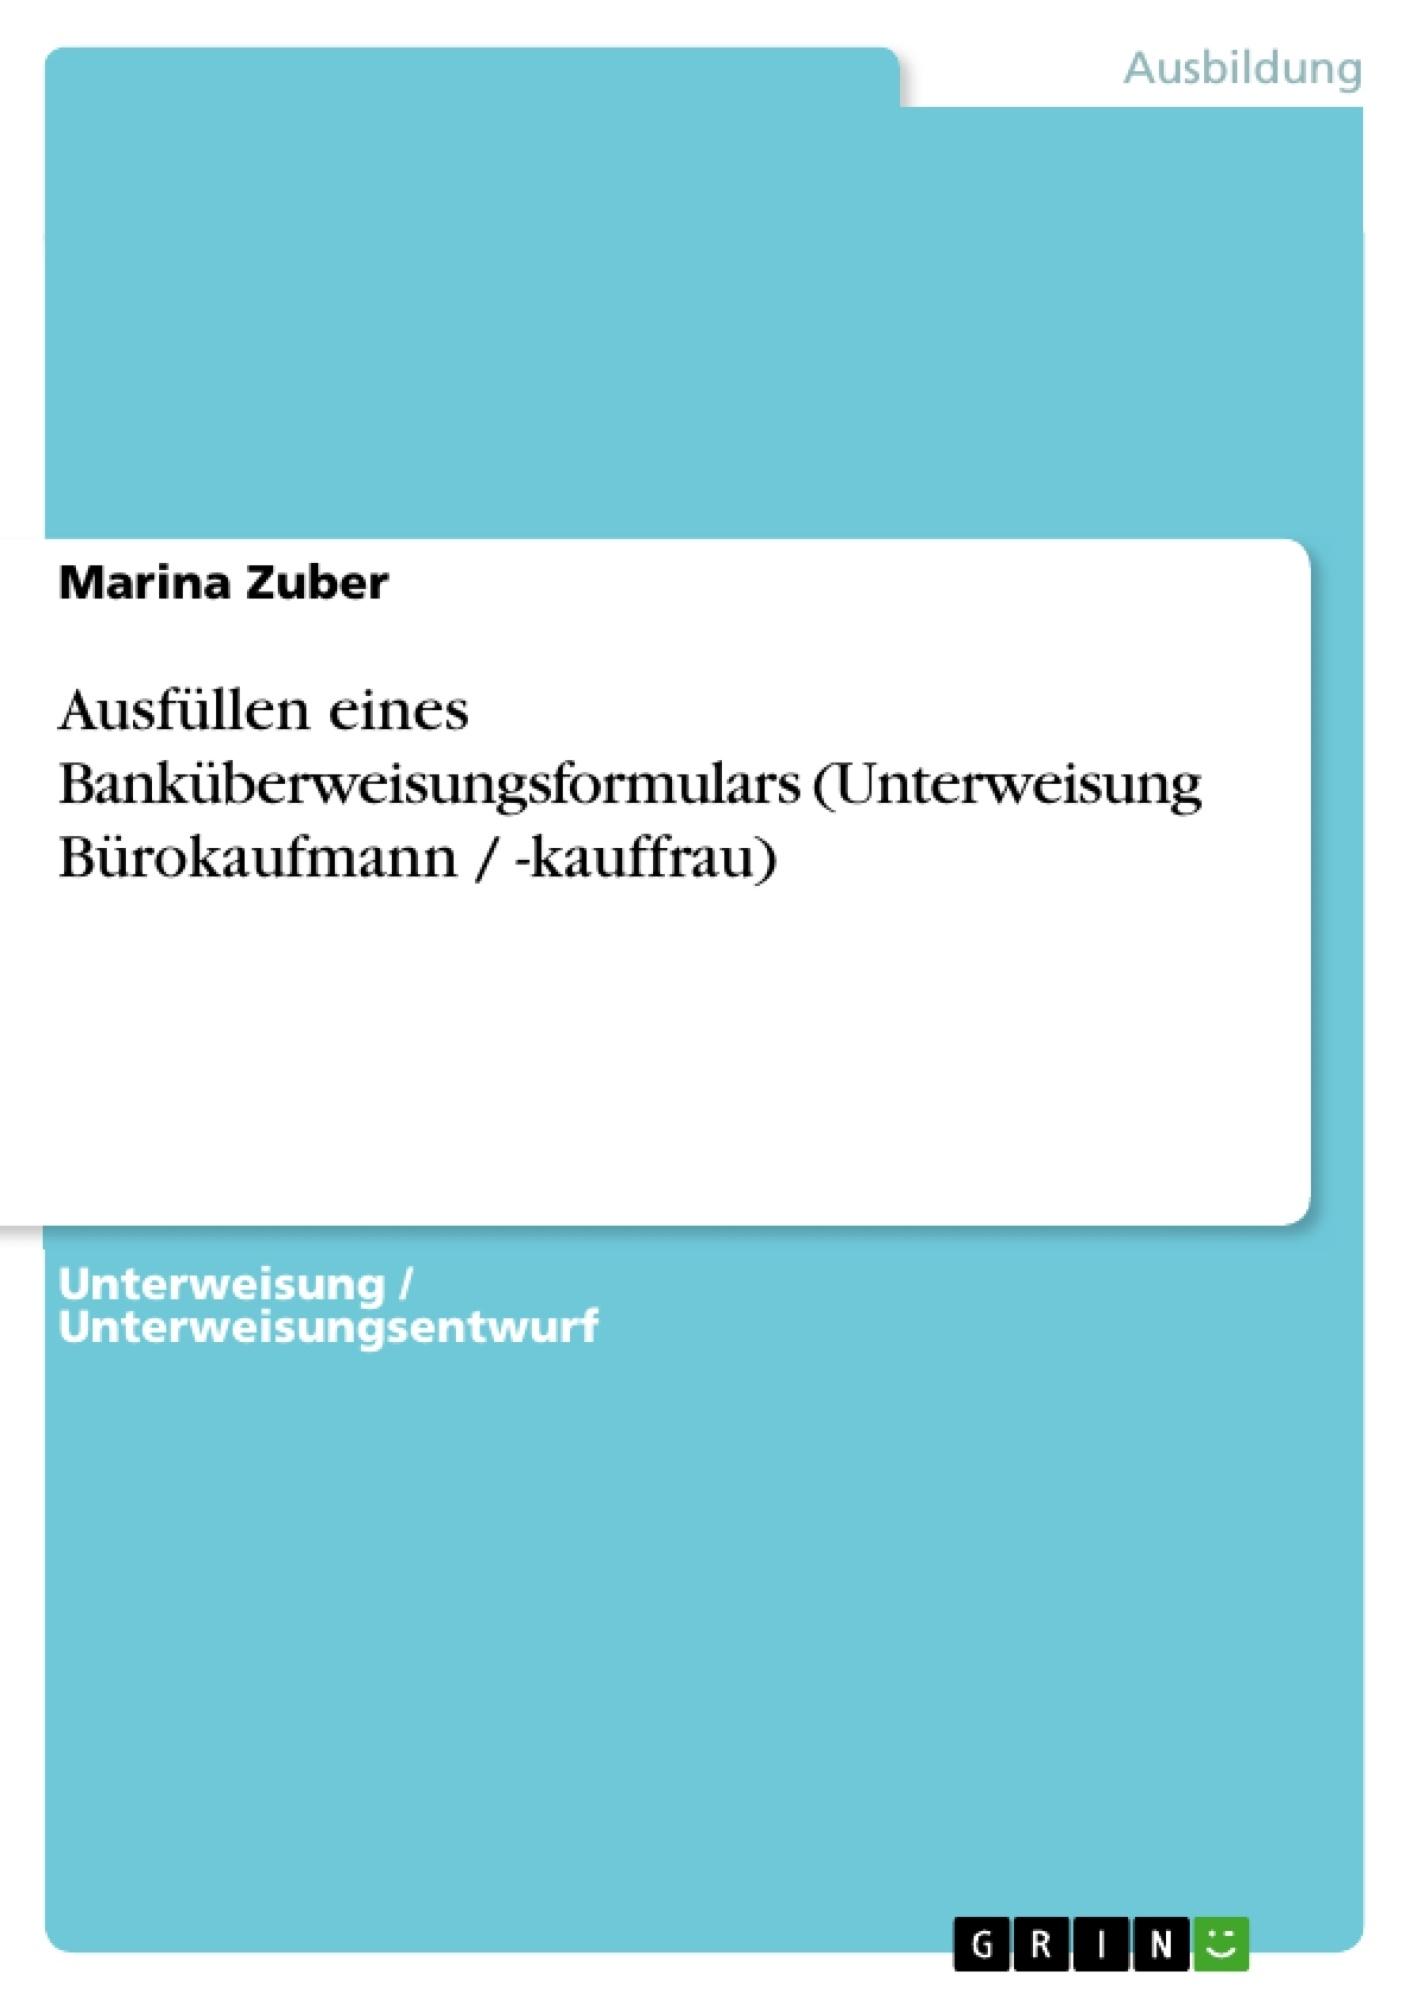 Titel: Ausfüllen eines Banküberweisungsformulars (Unterweisung Bürokaufmann / -kauffrau)